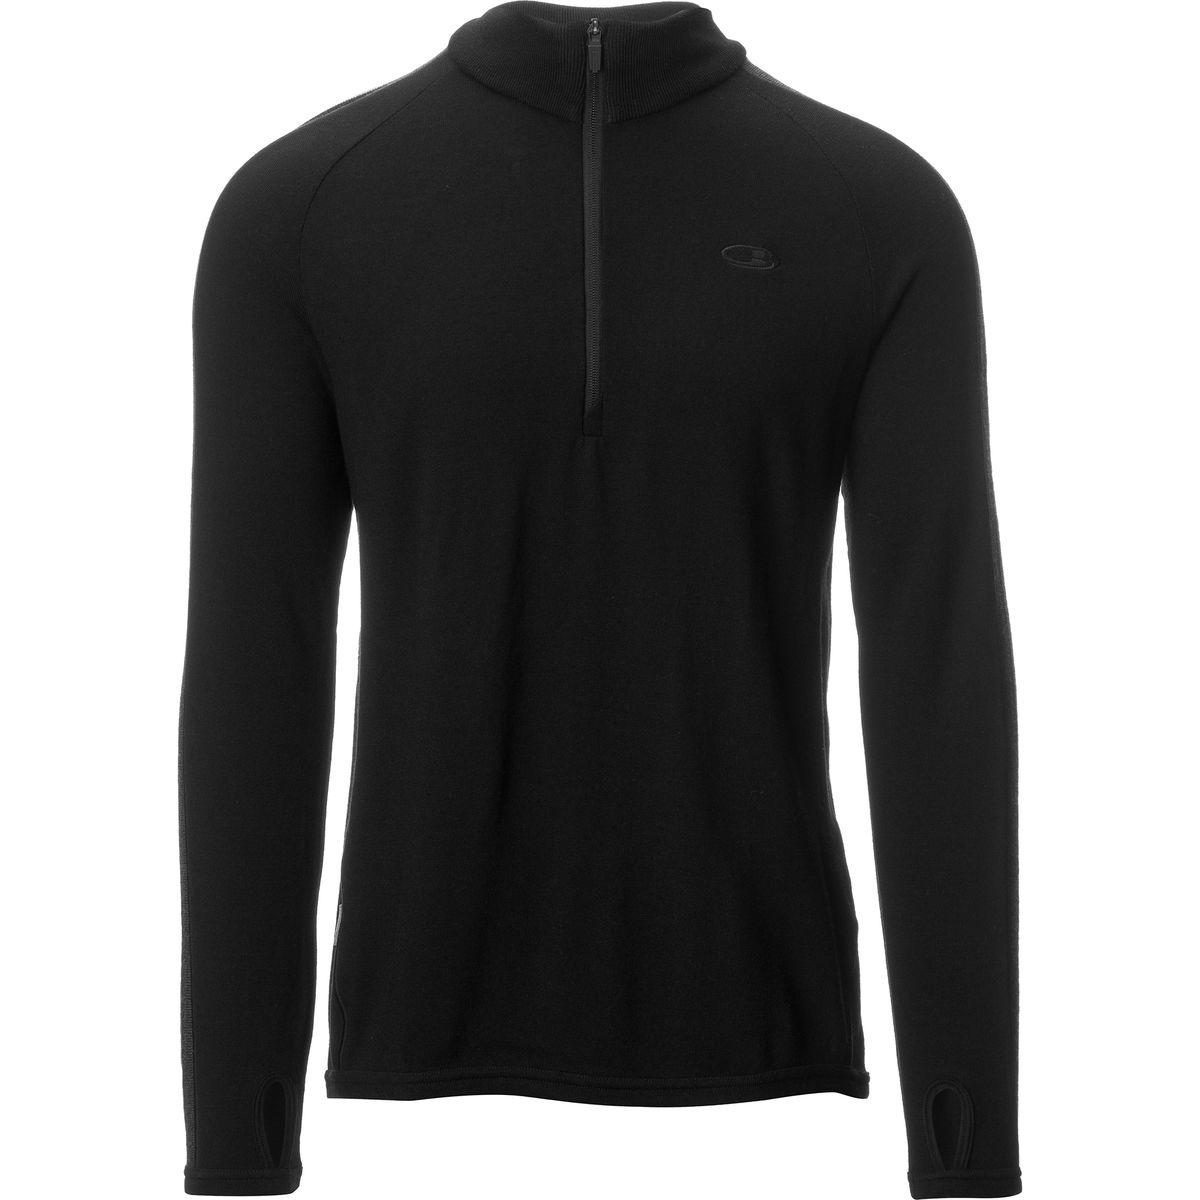 Icebreaker Coronet Zip-Neck Sweater - Men